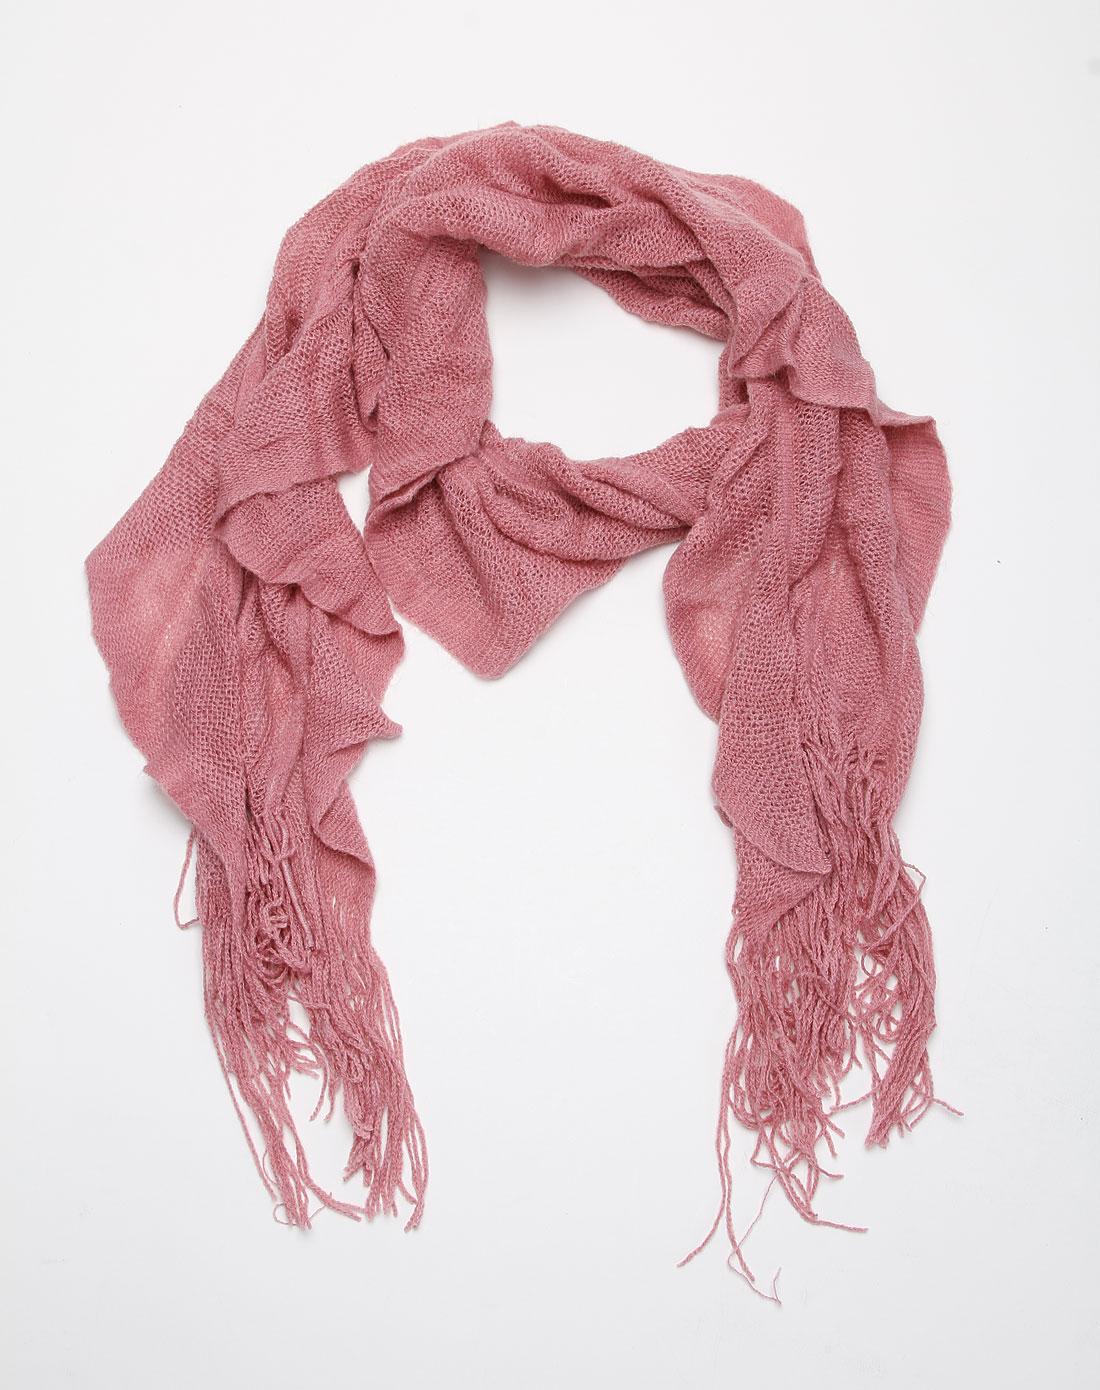 少女围巾zw11w226